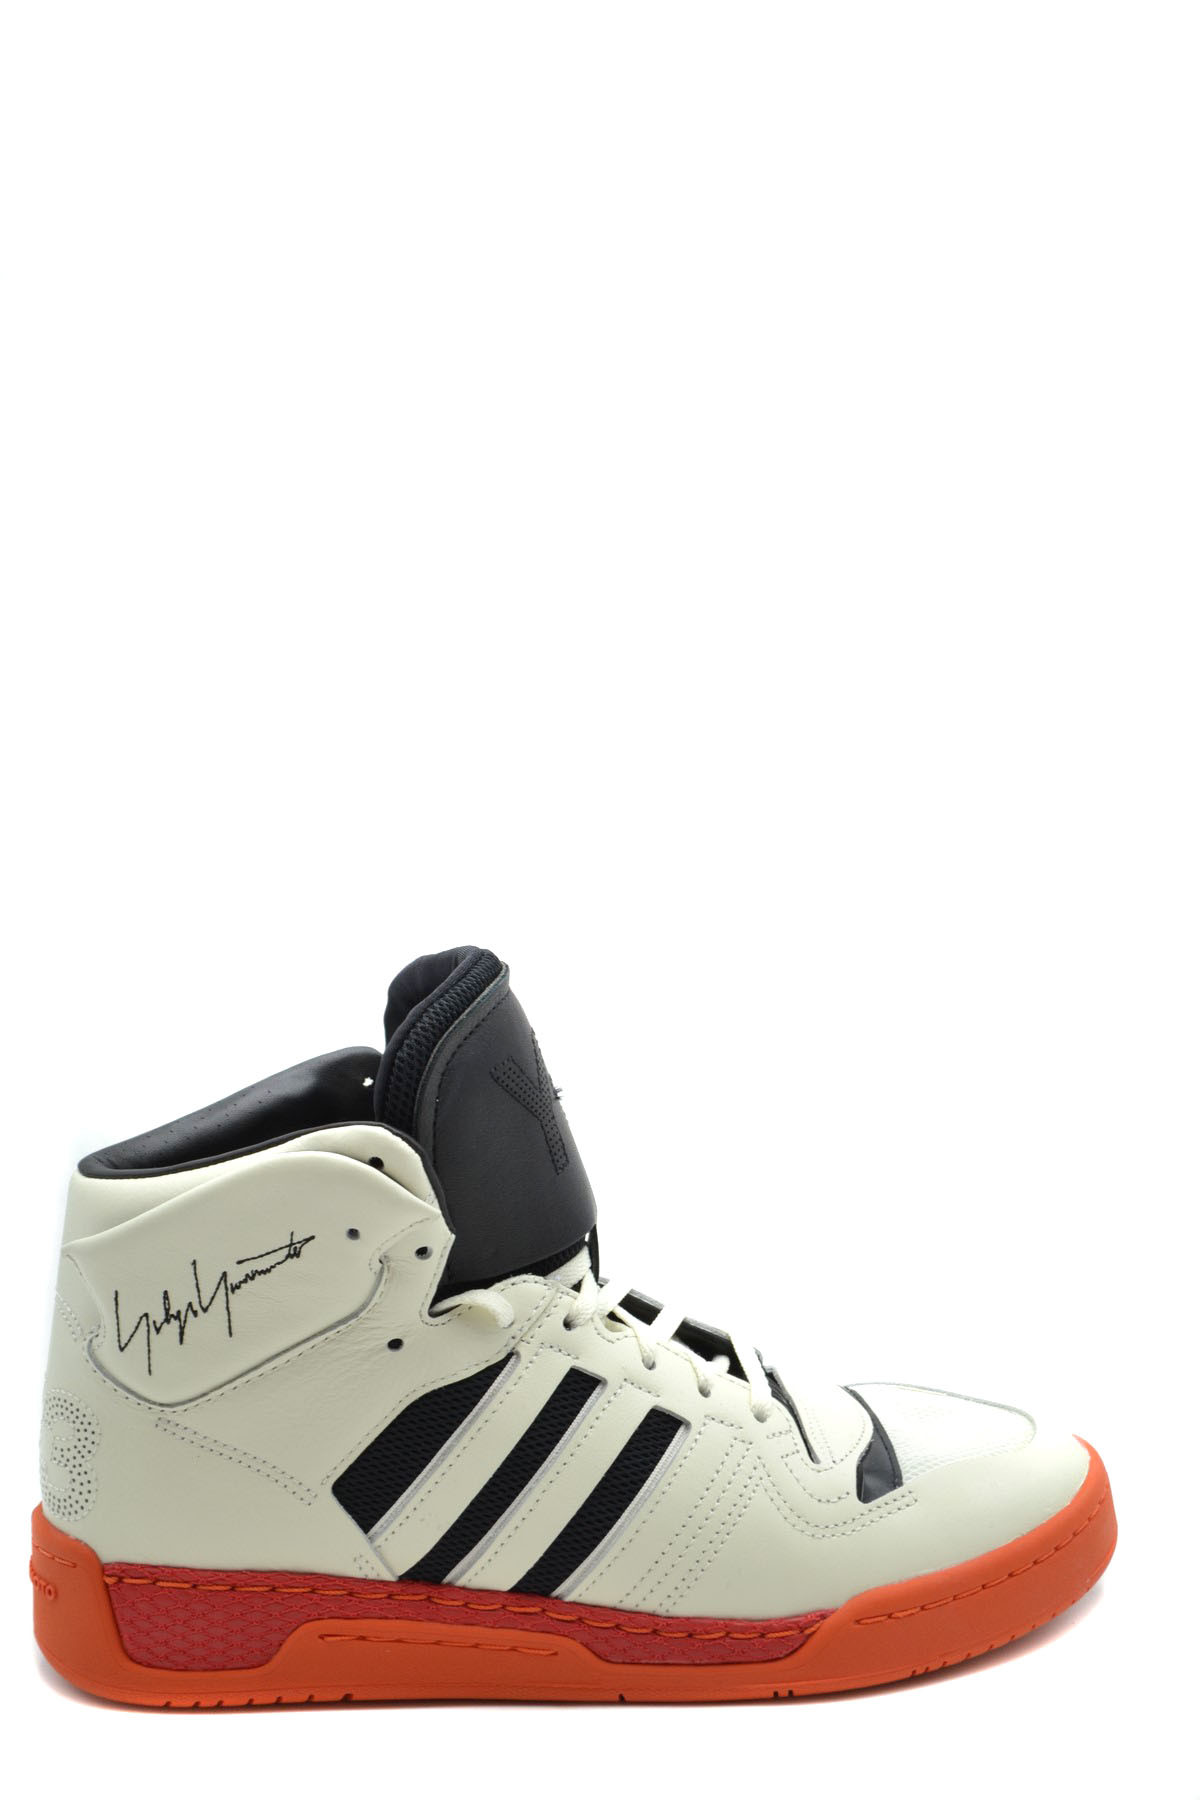 basket adidas yohji yamamoto